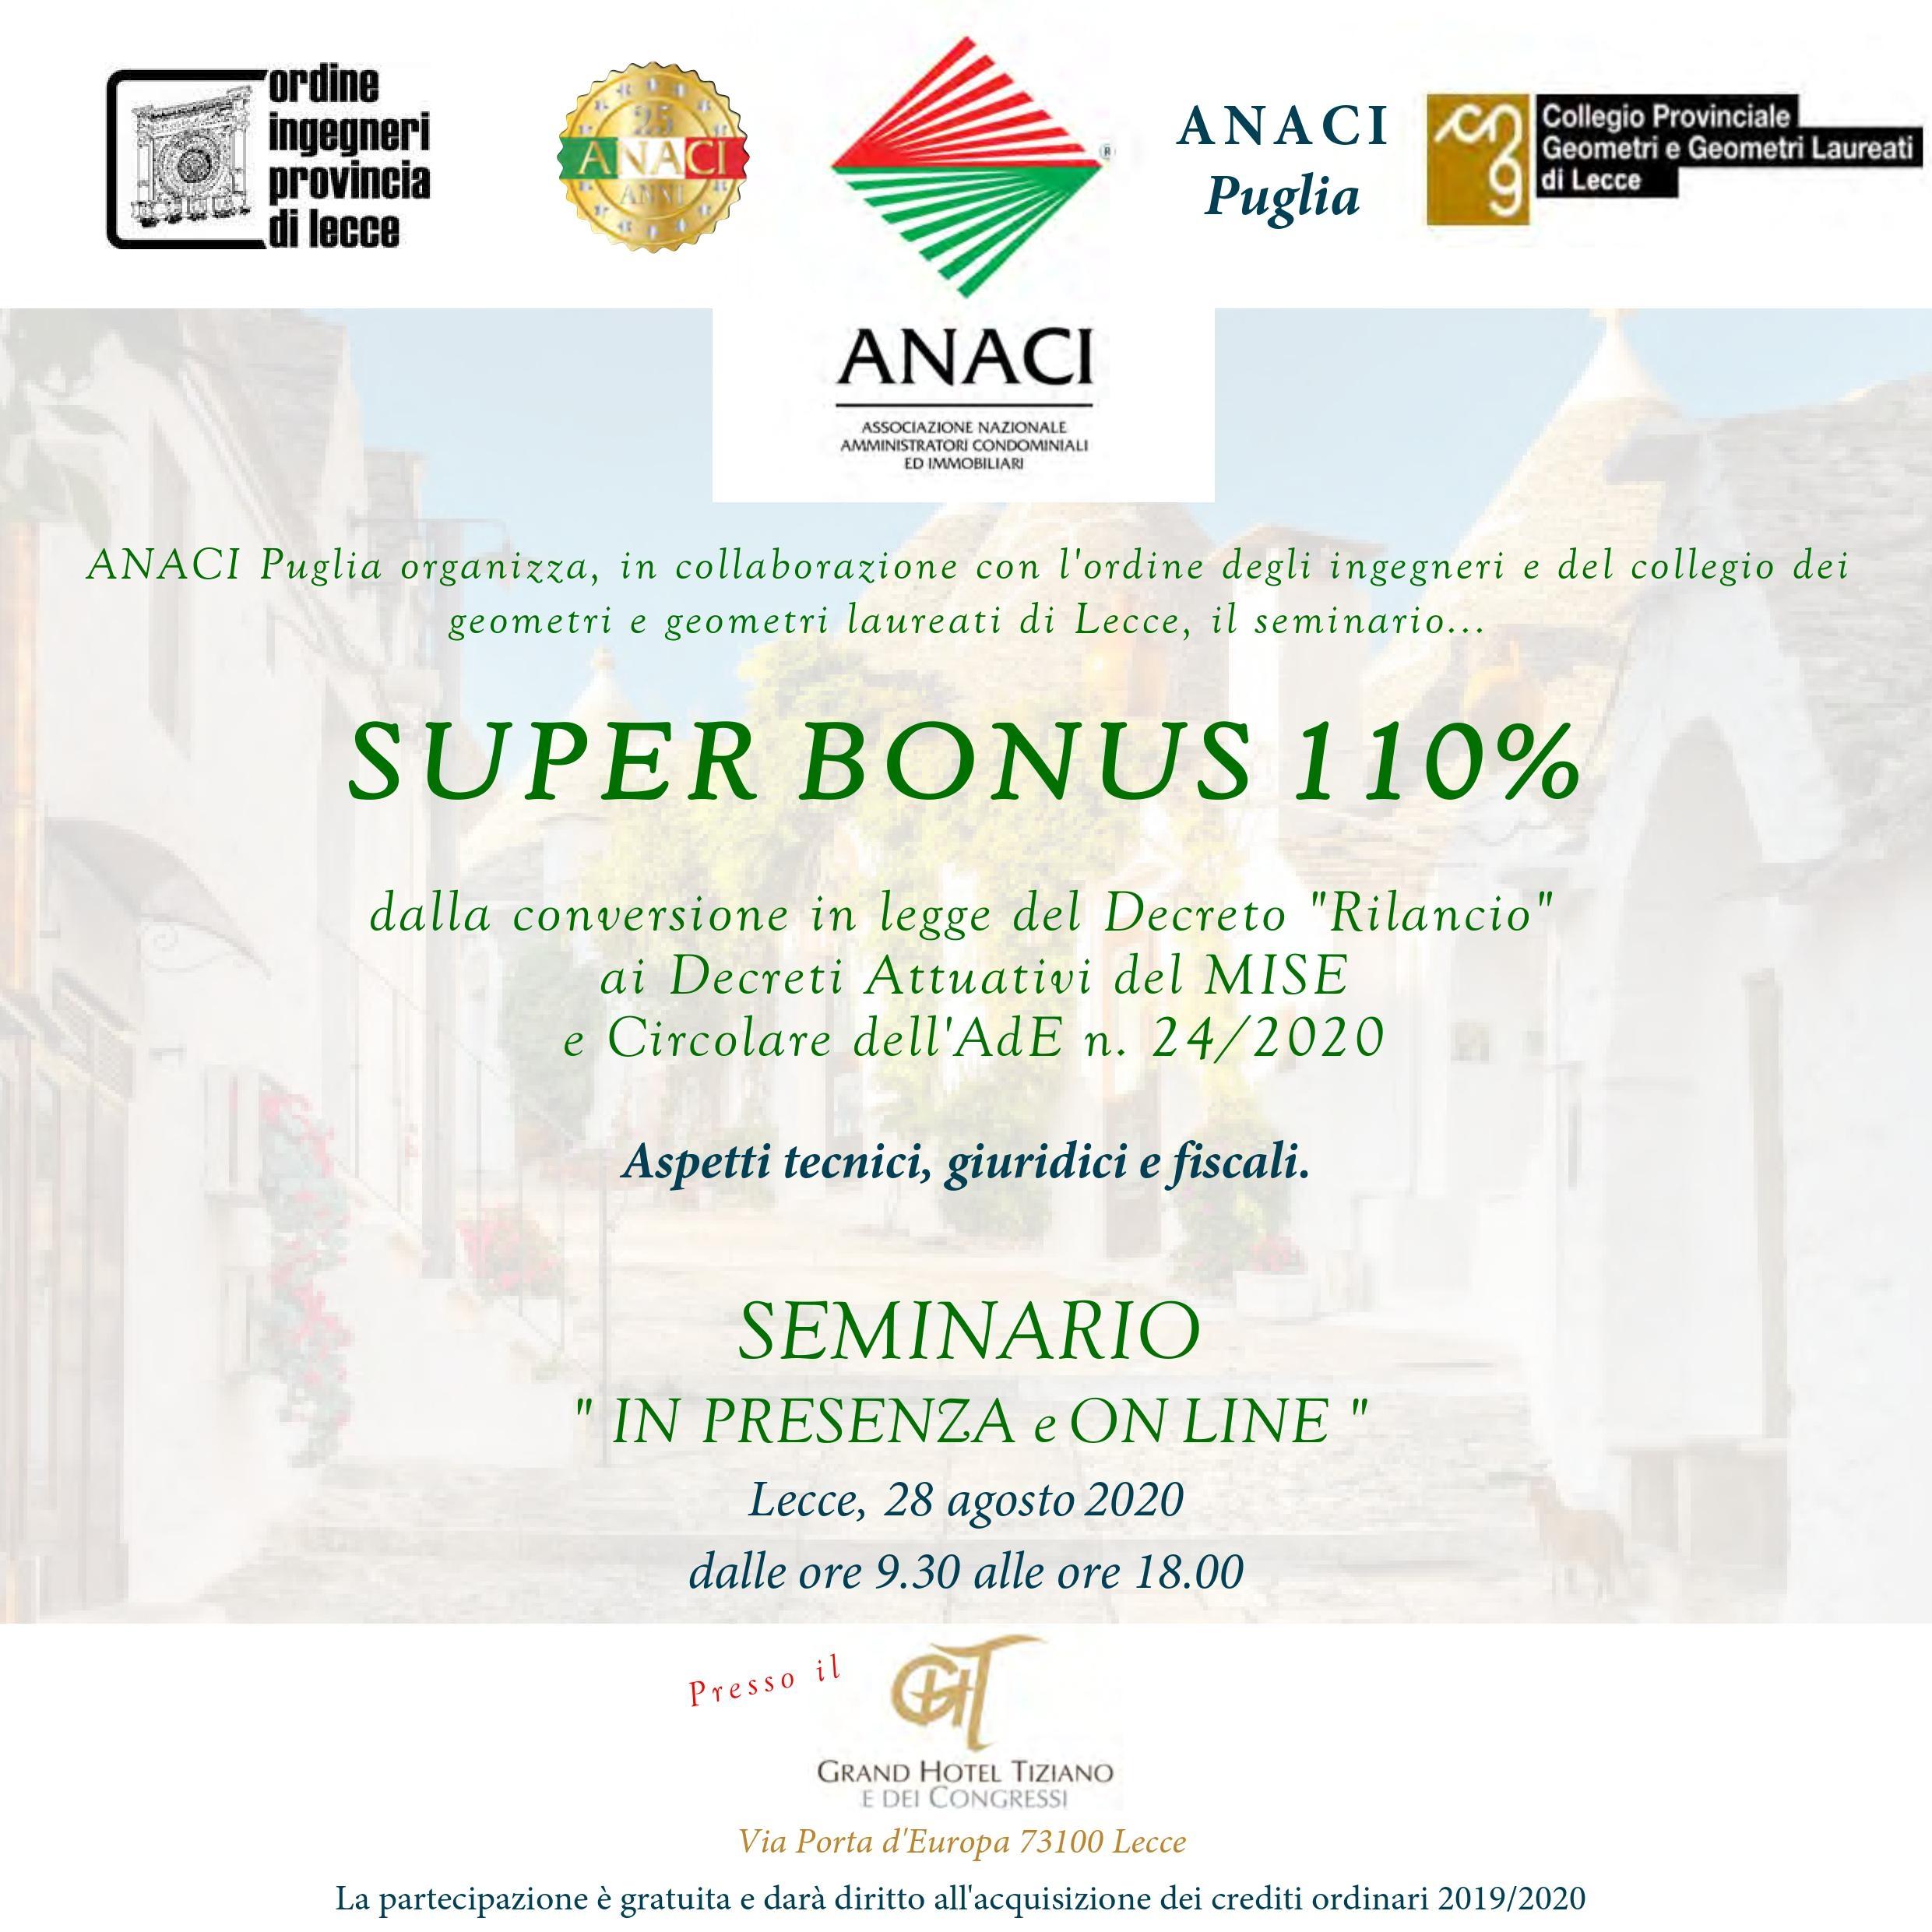 Seminario ANACI – SUPER BONUS 110% – in presenza e on-line – Lecce 28/08/2020